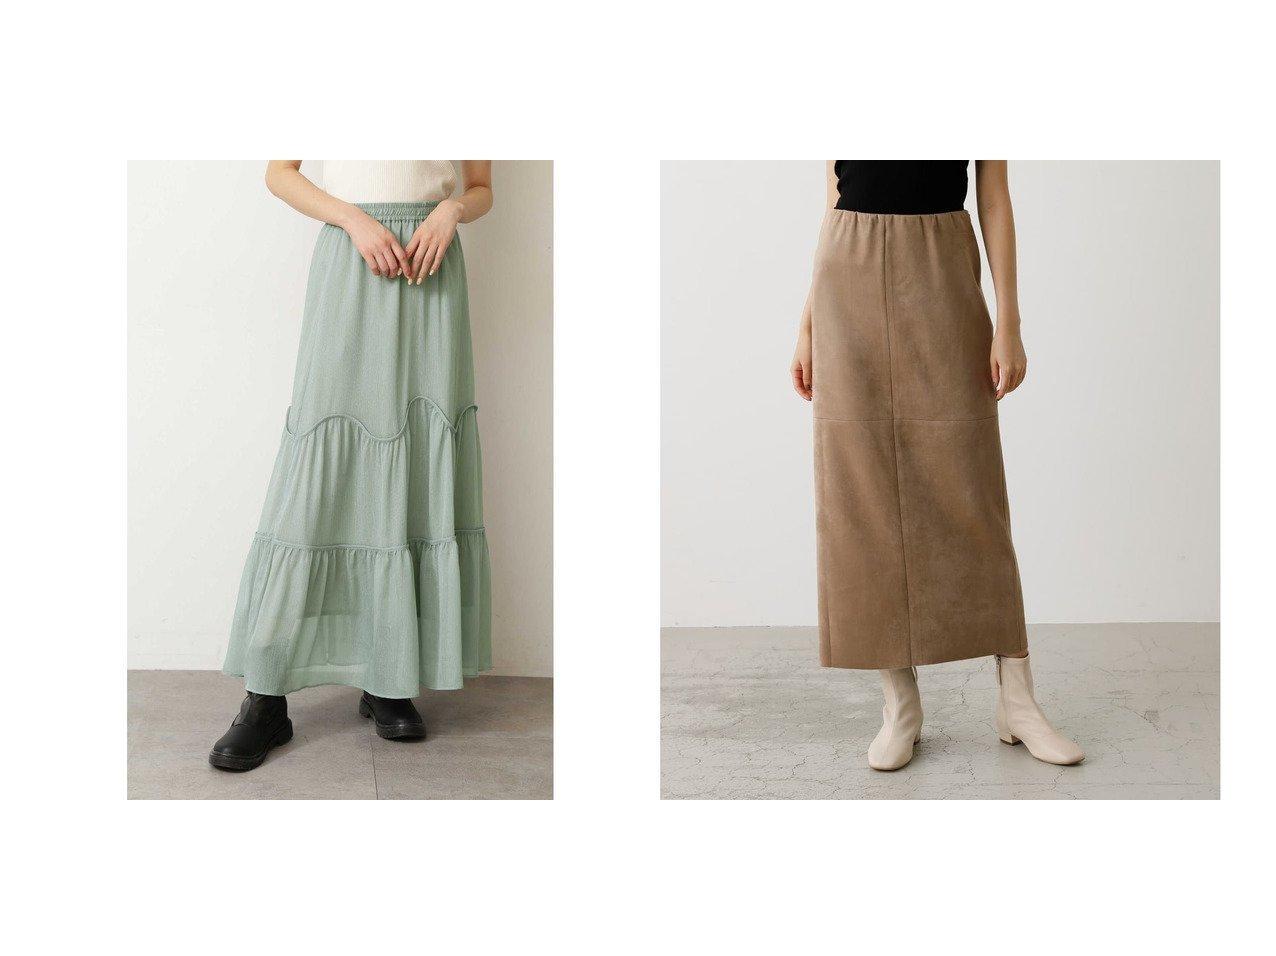 【AZUL by moussy/アズール バイ マウジー】のFAKE SUEDE SLIT SKIRT&【FREE'S MART/フリーズマート】のボイルウェーブティアードスカート スカートのおすすめ!人気、レディースファッションの通販 おすすめで人気のファッション通販商品 インテリア・家具・キッズファッション・メンズファッション・レディースファッション・服の通販 founy(ファニー) https://founy.com/ ファッション Fashion レディース WOMEN スカート Skirt ティアードスカート Tiered Skirts シアー マキシ 冬 Winter なめらか スエード ストレッチ バランス ペンシル ミドル  ID:crp329100000003175